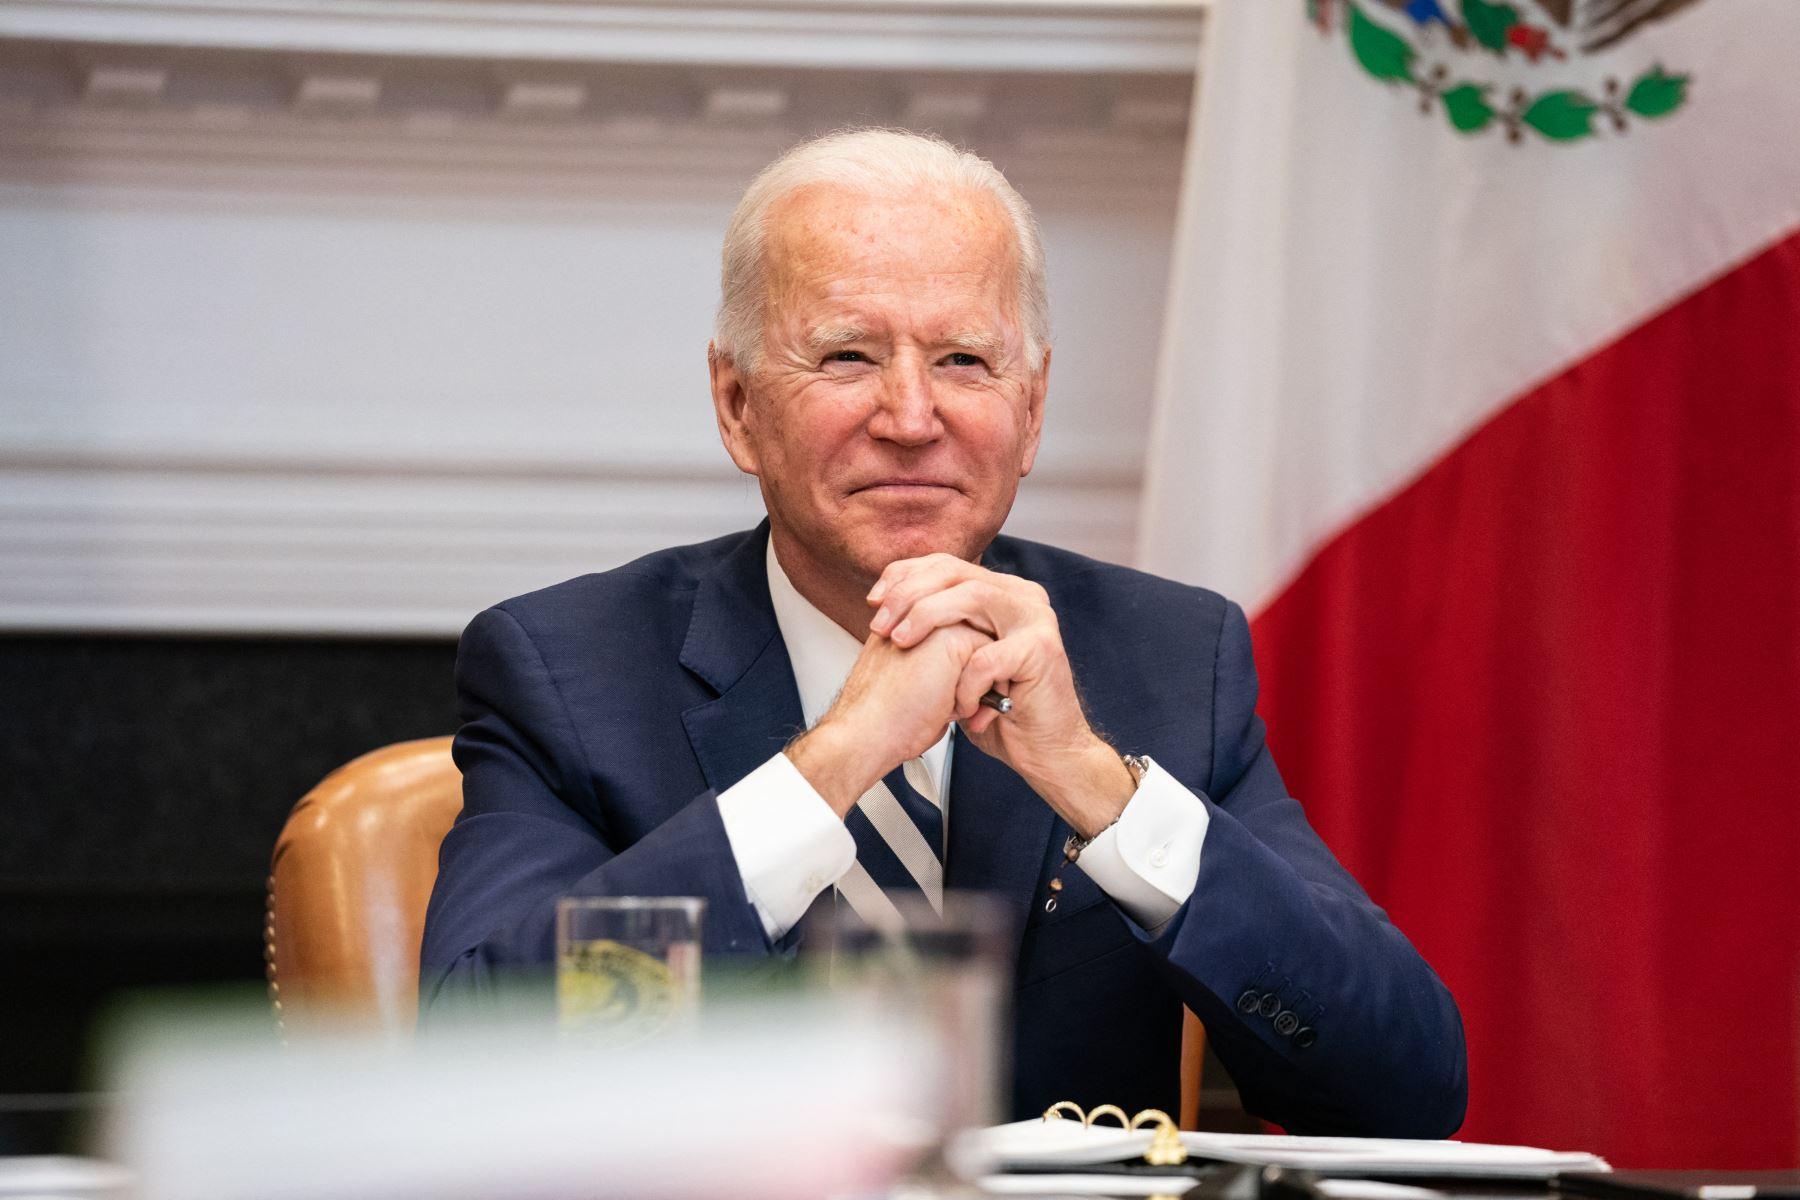 """Biden anunció, además, que los centros de producción de las vacunas de Johnson & Johnson funcionarán desde ahora las """"24 horas del día, los siete días de la semana"""". Foto: AFP"""